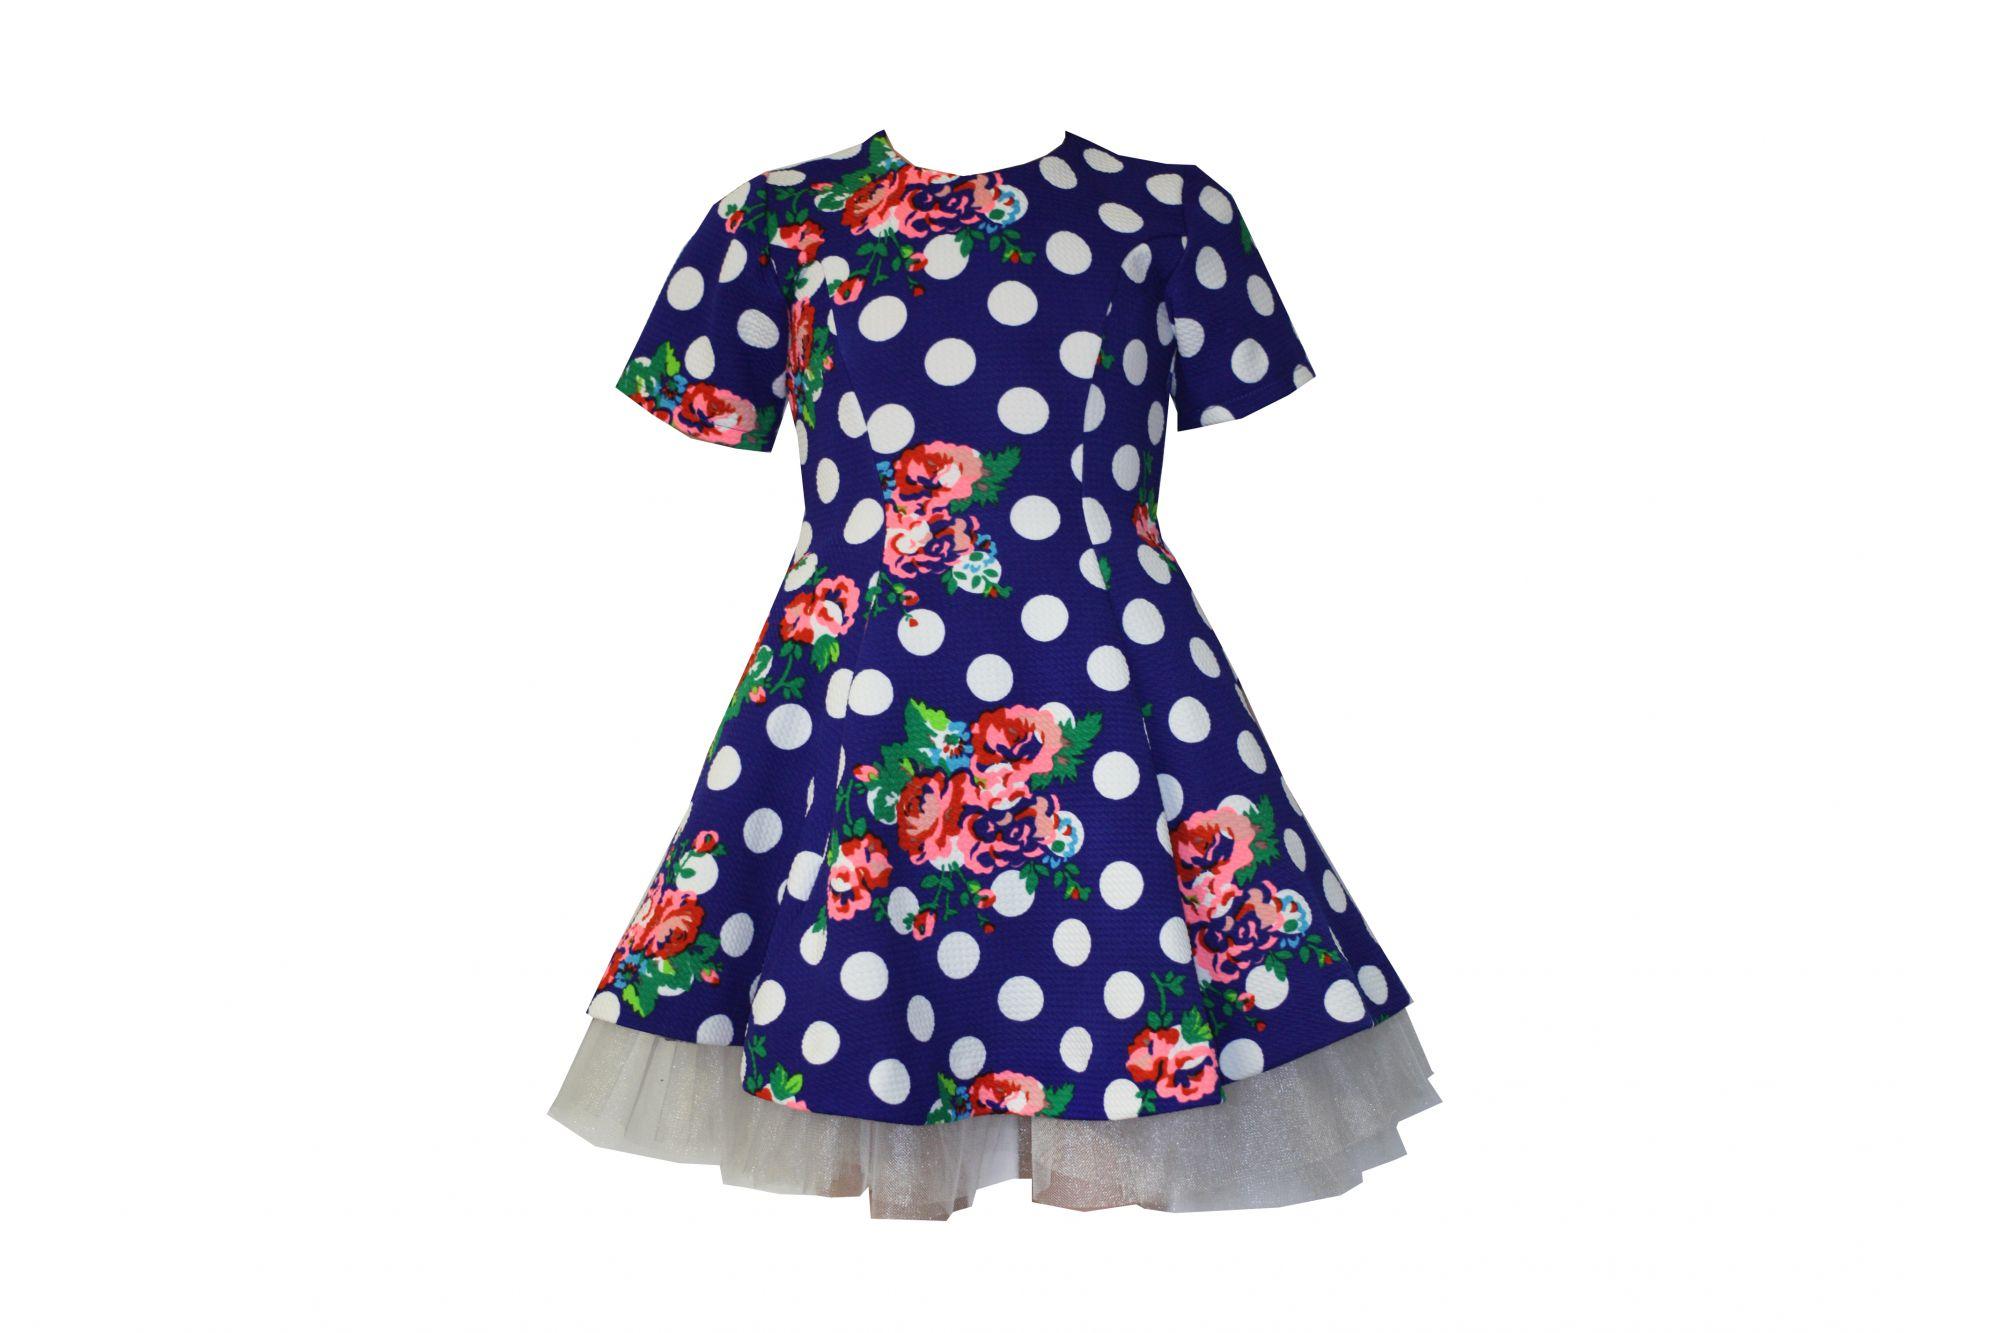 042871 Платье синее в белый горох с цветами (плотный трикотаж)